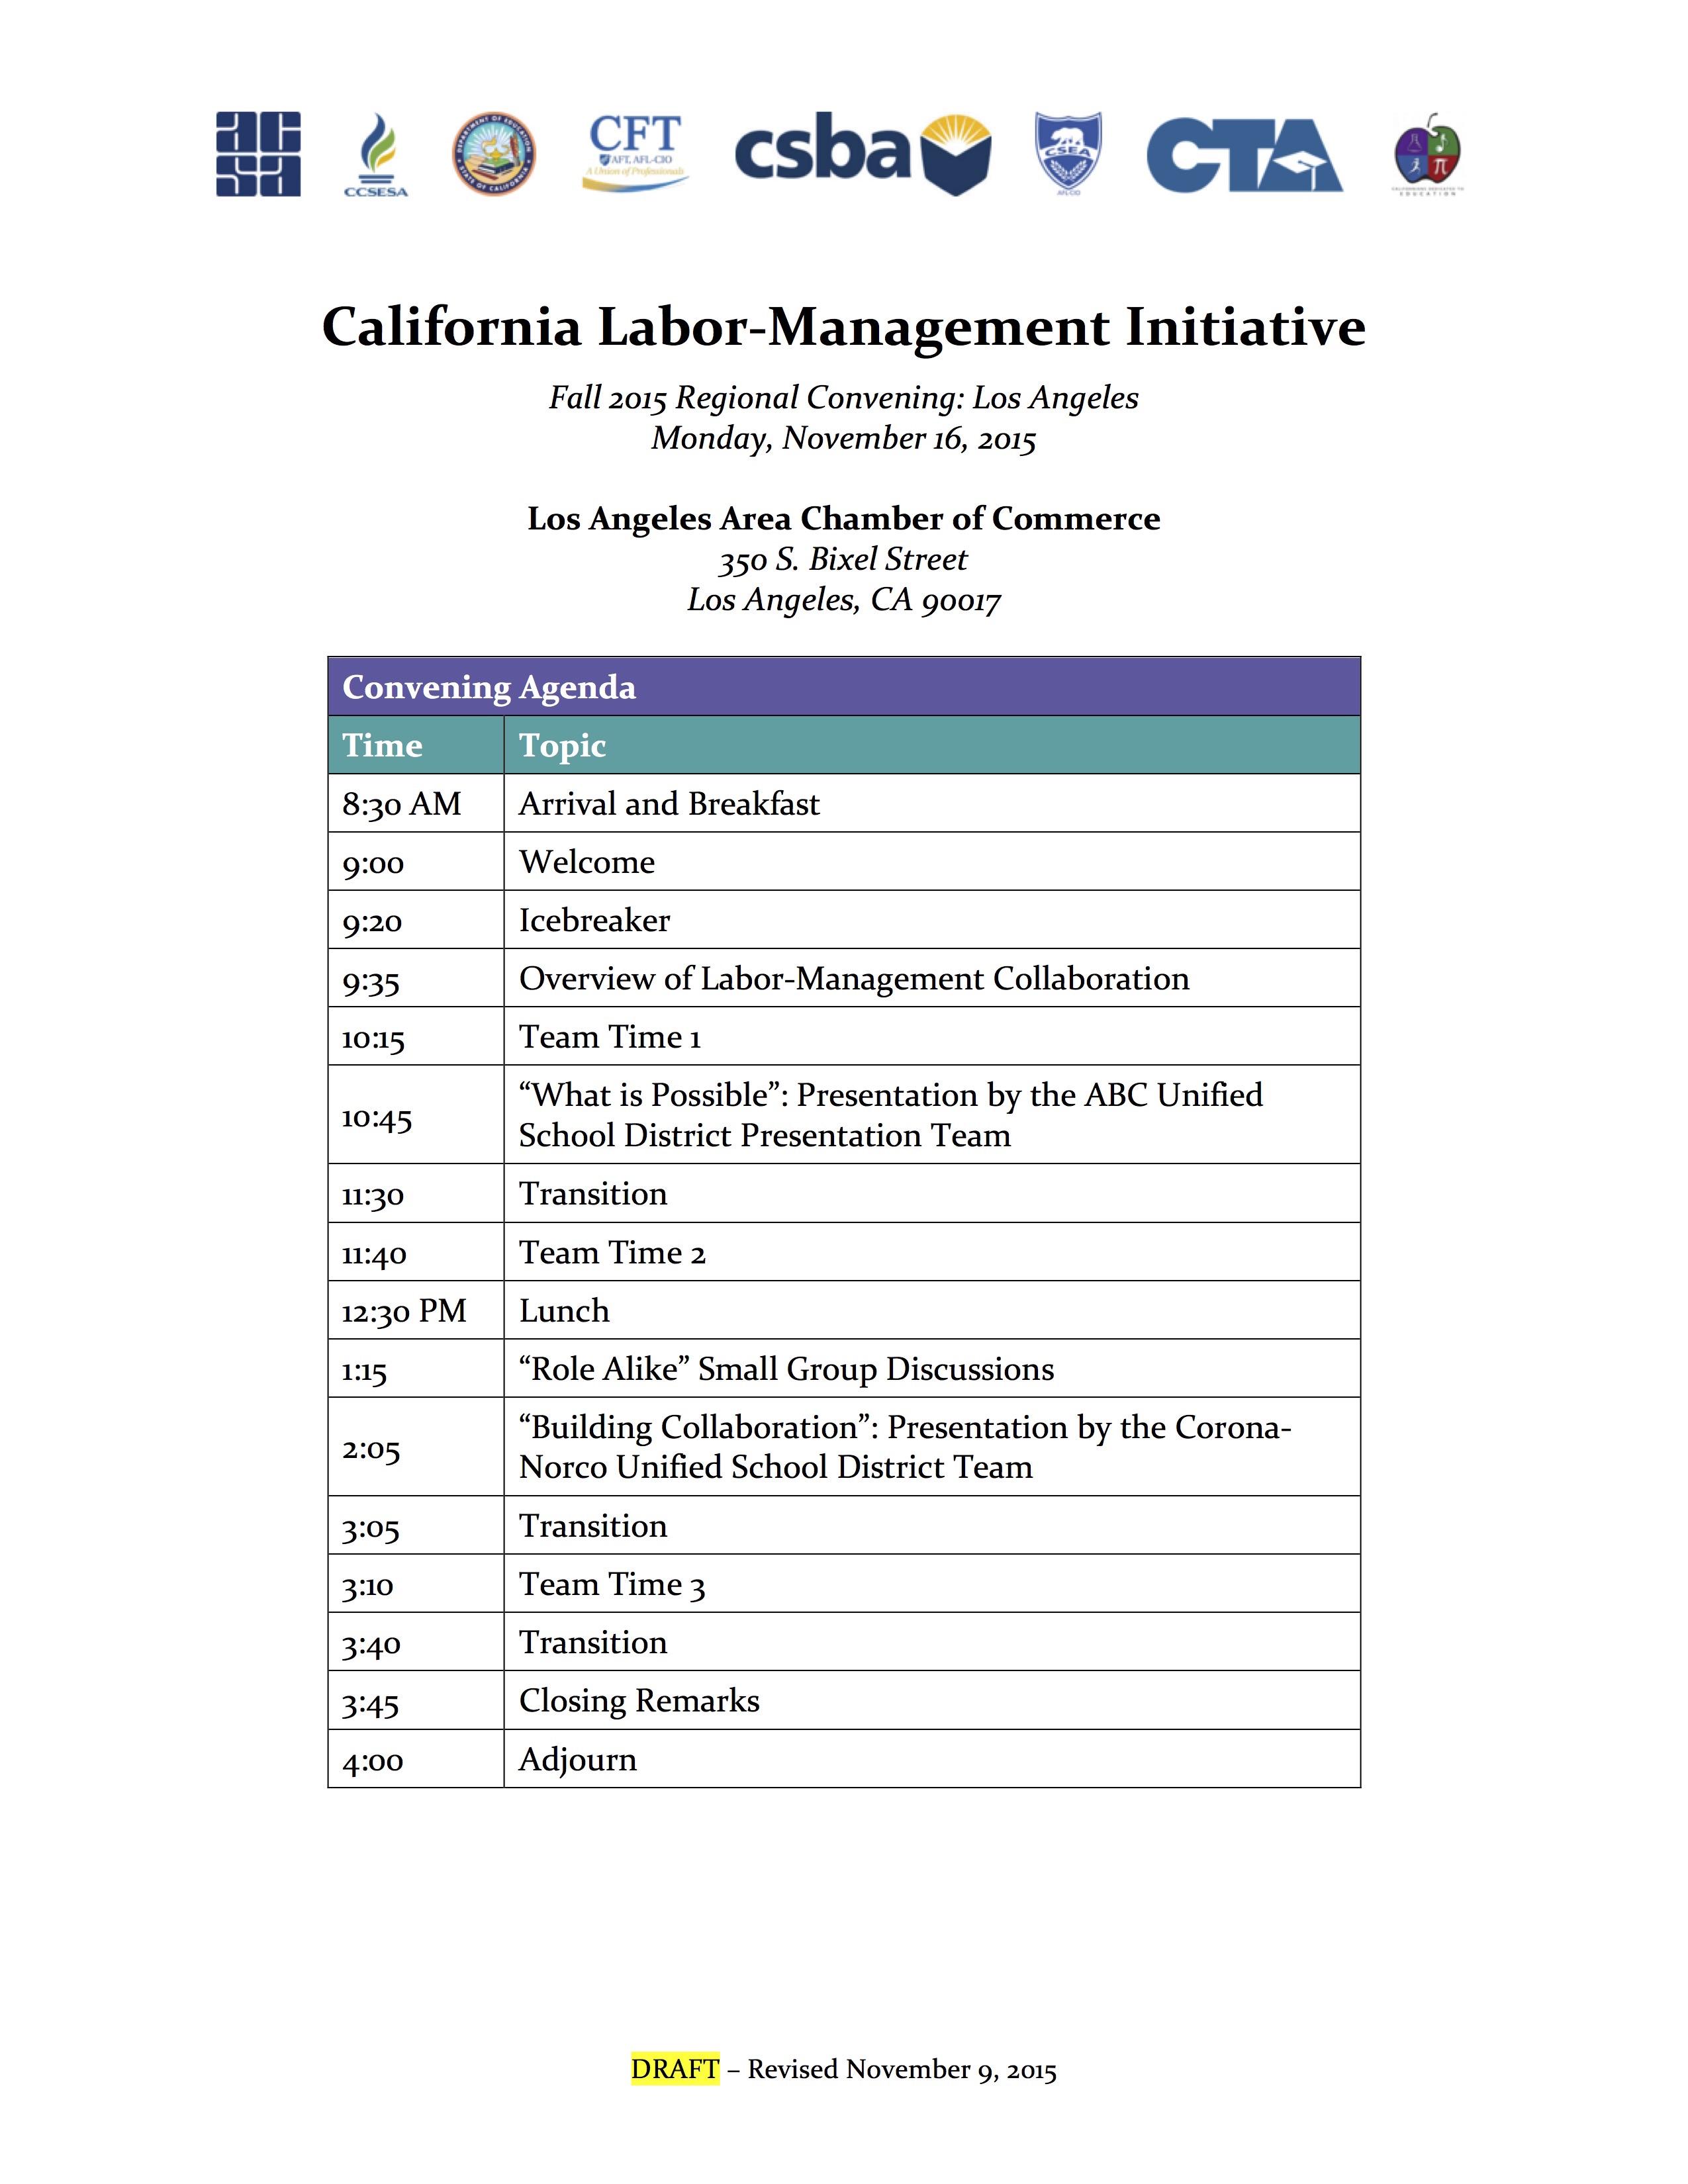 CA LMI Los Angeles Convening Agenda